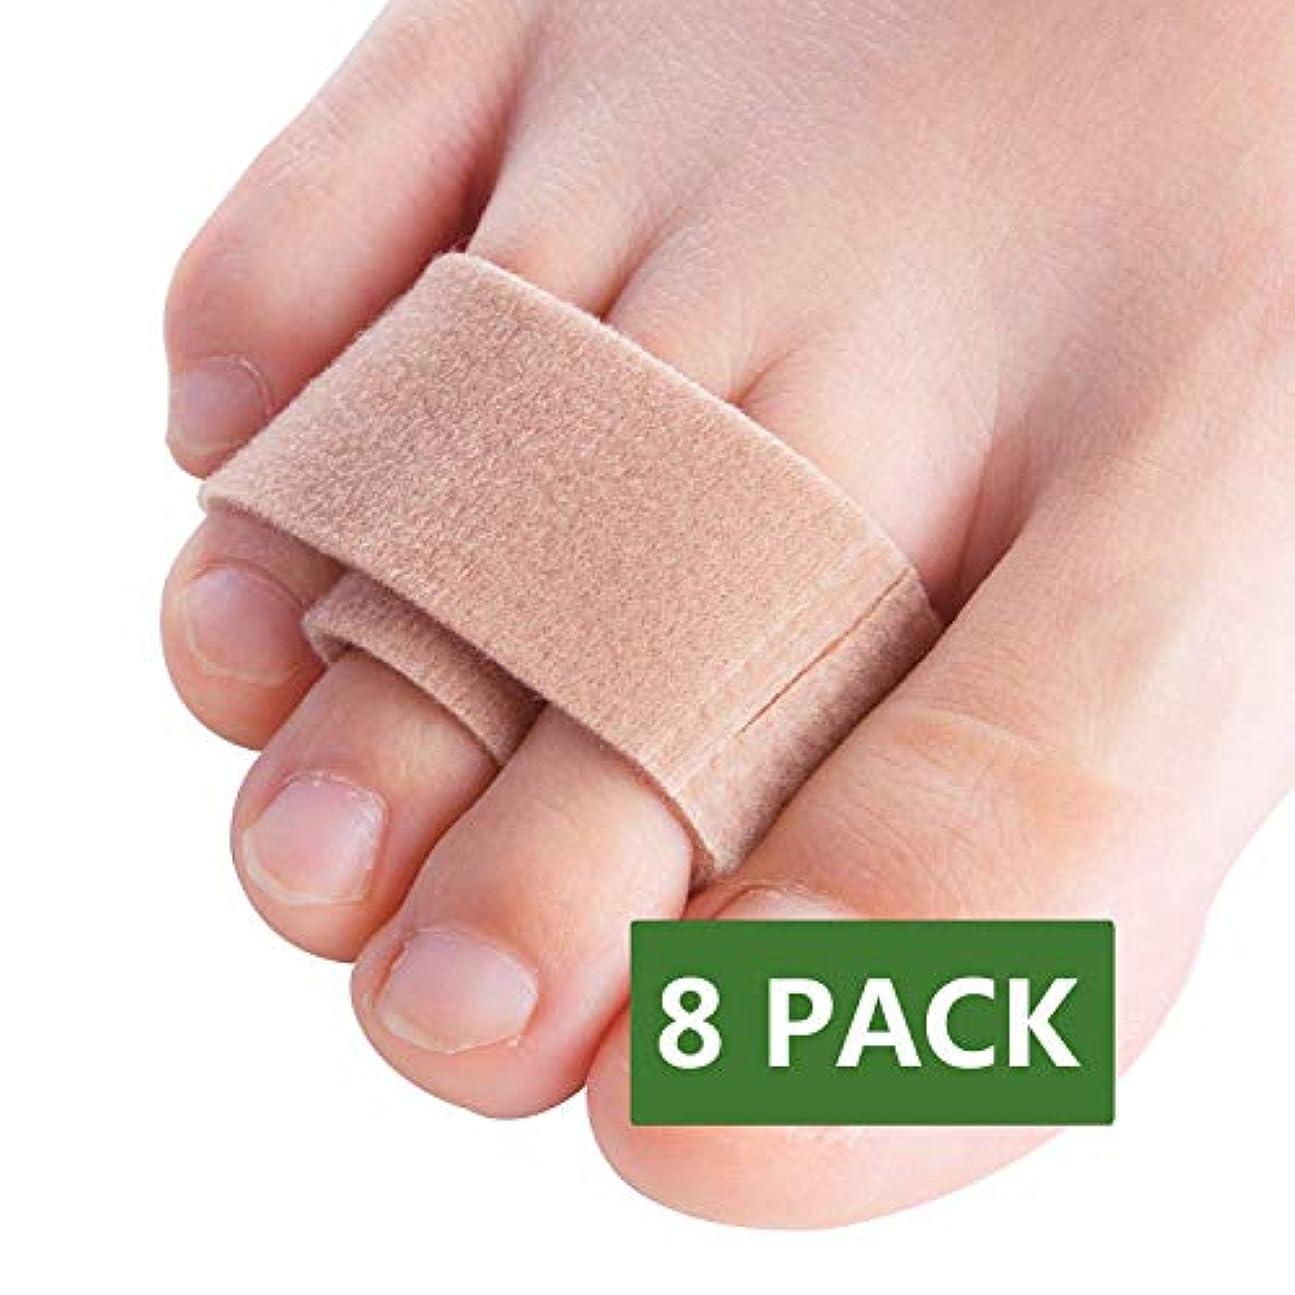 習熟度ソファー素晴らしさPovihome ハンマーつま先矯正テープ、つま先がスプリントを包んでハンマーのつま先を再調整8パック、重ねた足の指と曲がった足の指